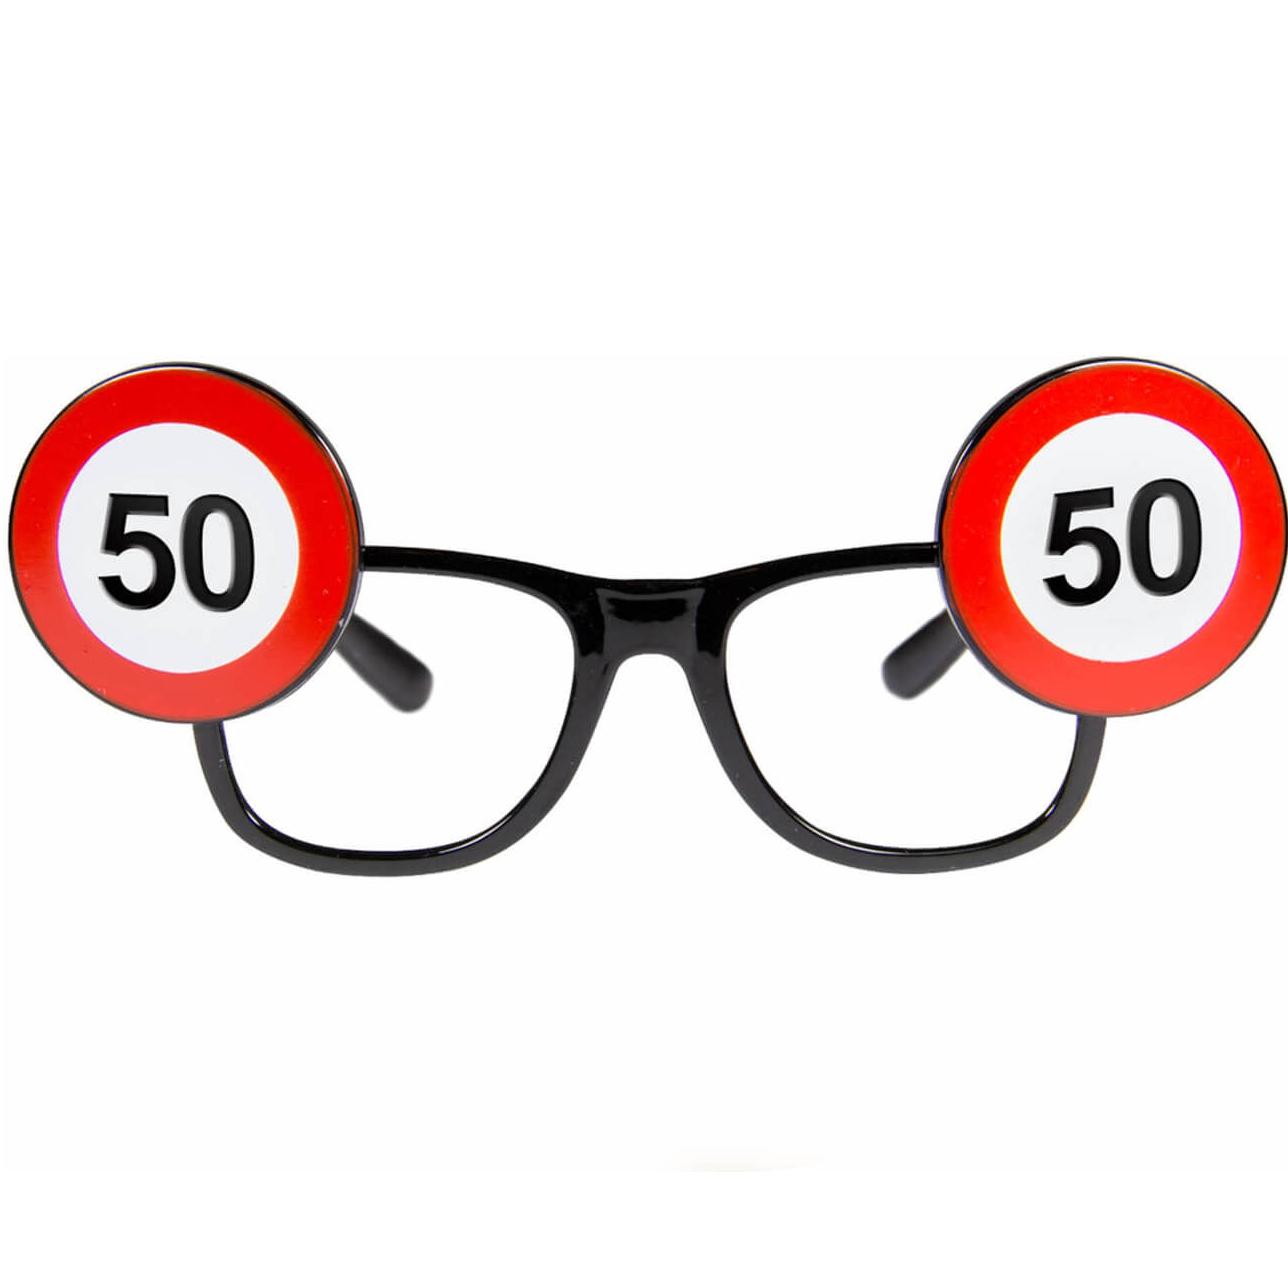 Dekoracja na 50 urodziny